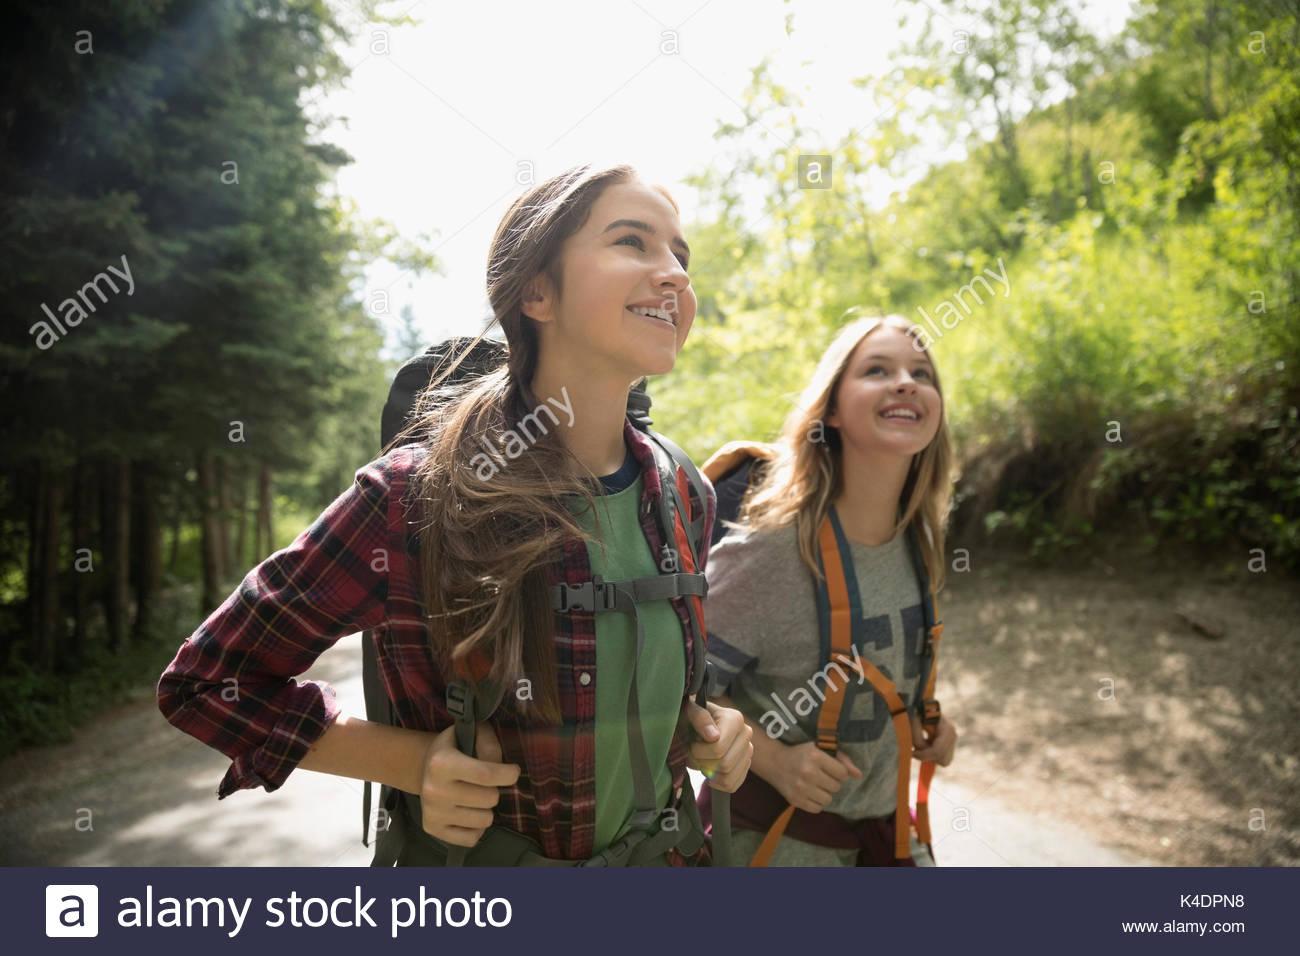 Curieux, smiling teenage girl friends avec sacs à dos randonnée dans les bois Photo Stock